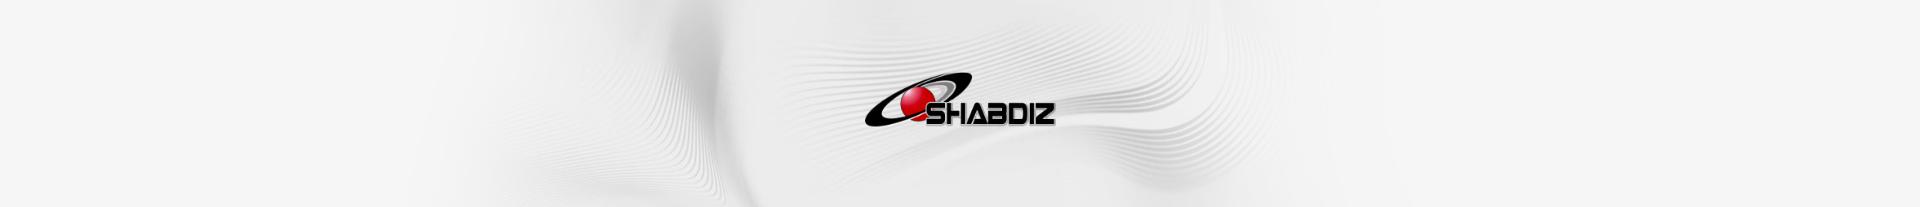 شبدیز ارائه دهنده خدمات اینترنت پرسرعت ADSL +2